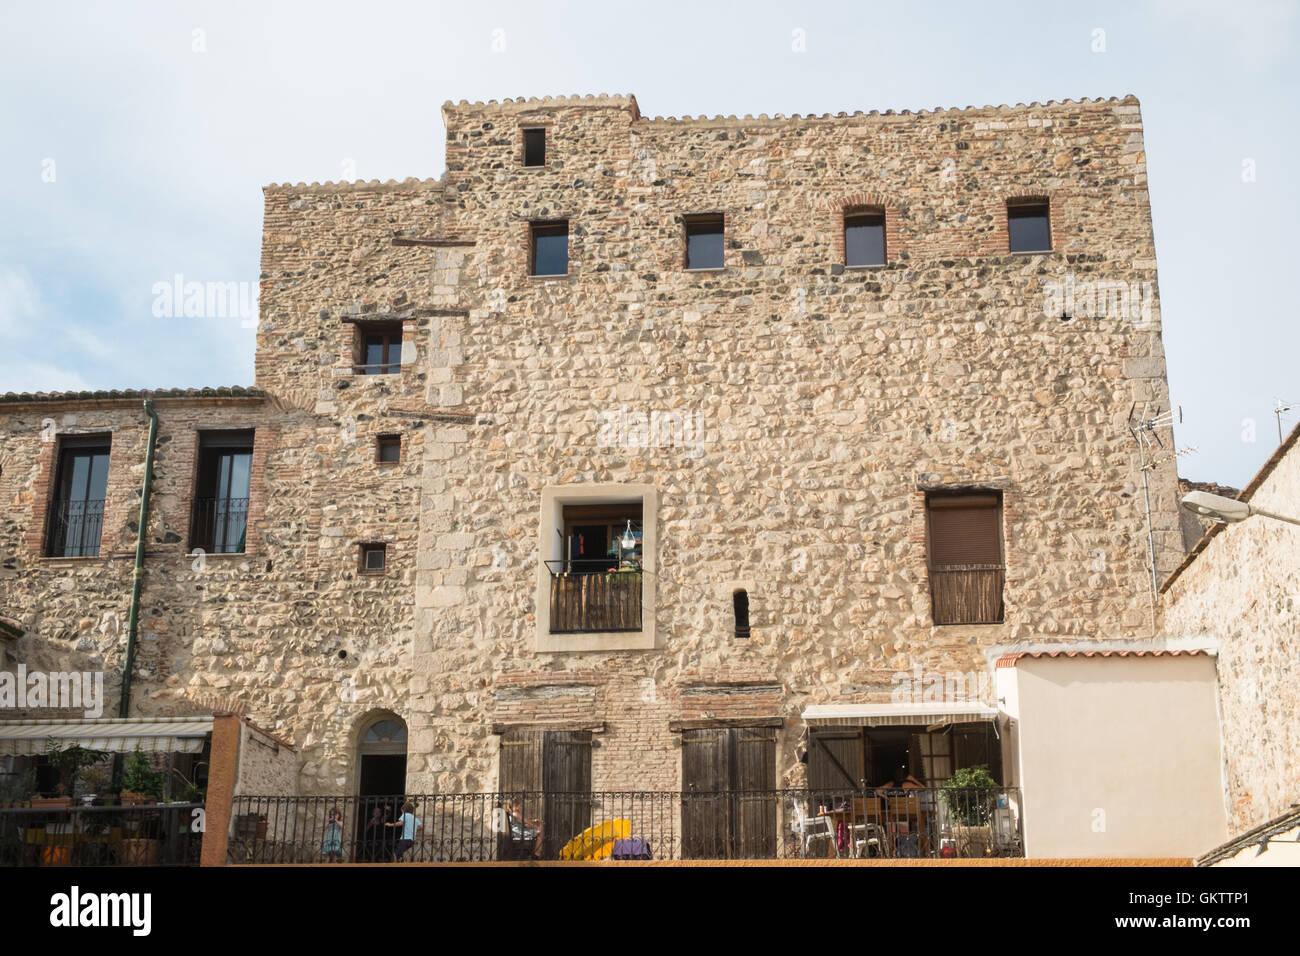 Maison de ville en pierre ouvragée village d'espira de l'Agly en Languedoc Roussillion,Pyrénées Orientales,Midi Banque D'Images